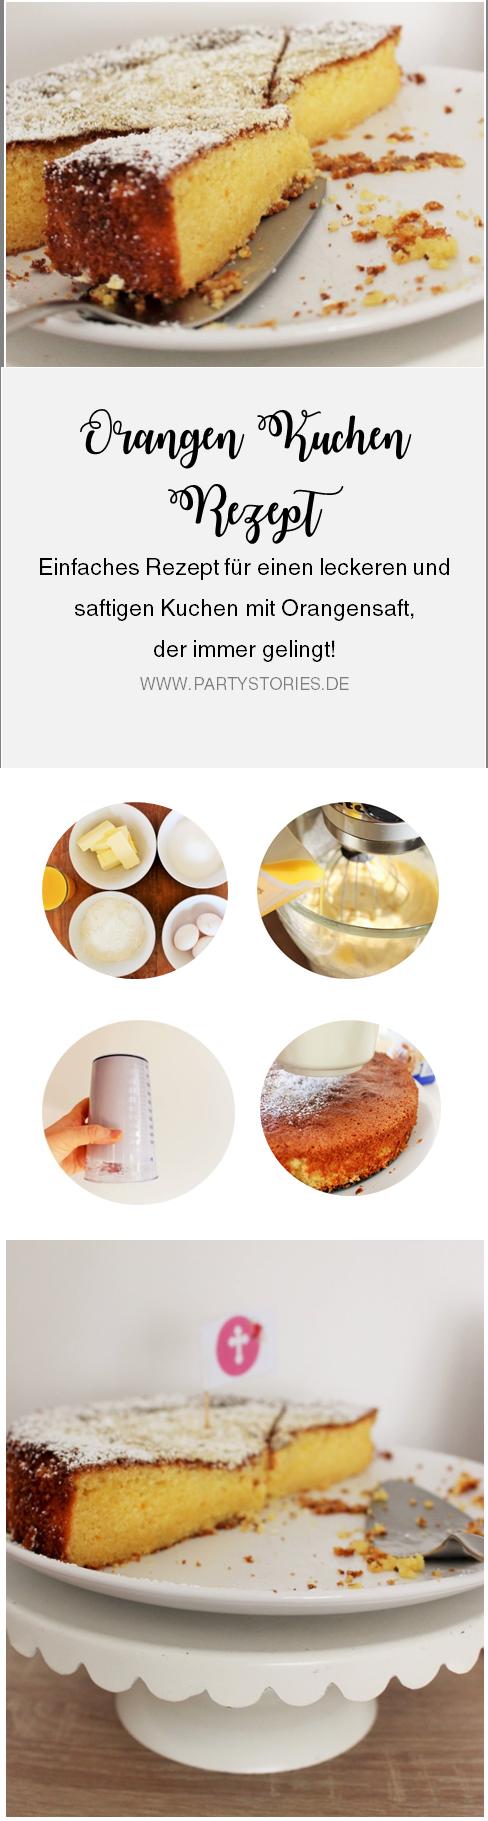 BIld: Rezept für Orangenkuchen, ein einfacher und leckerer Kuchen mit Orangensaft; gefunden auf www.partystories.de